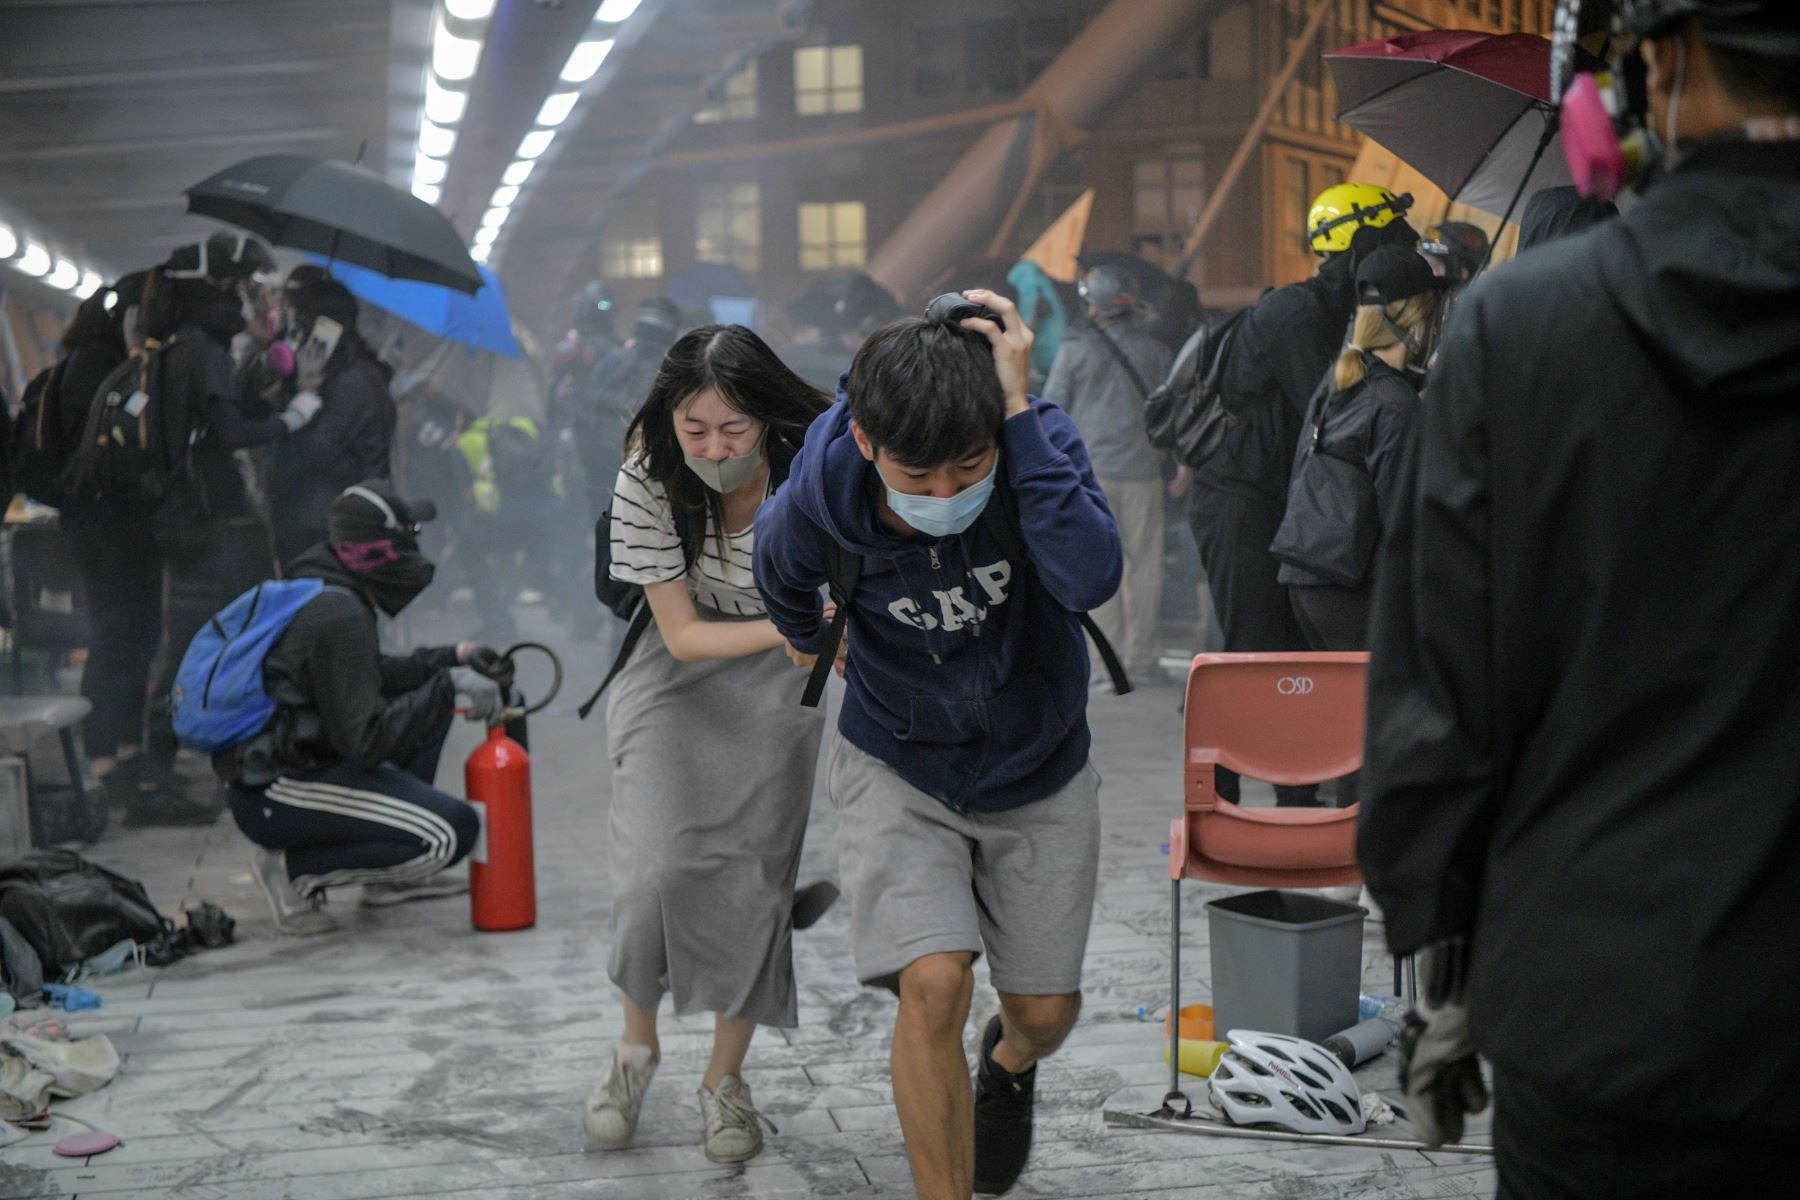 Los agentes trataron de desalojar el túnel, pero los manifestantes se refugiaron tras paraguas (uno de los símbolos de la protesta) y prendieron fuego entre escombros, lo que generó pequeñas explosiones.Foto: AFP